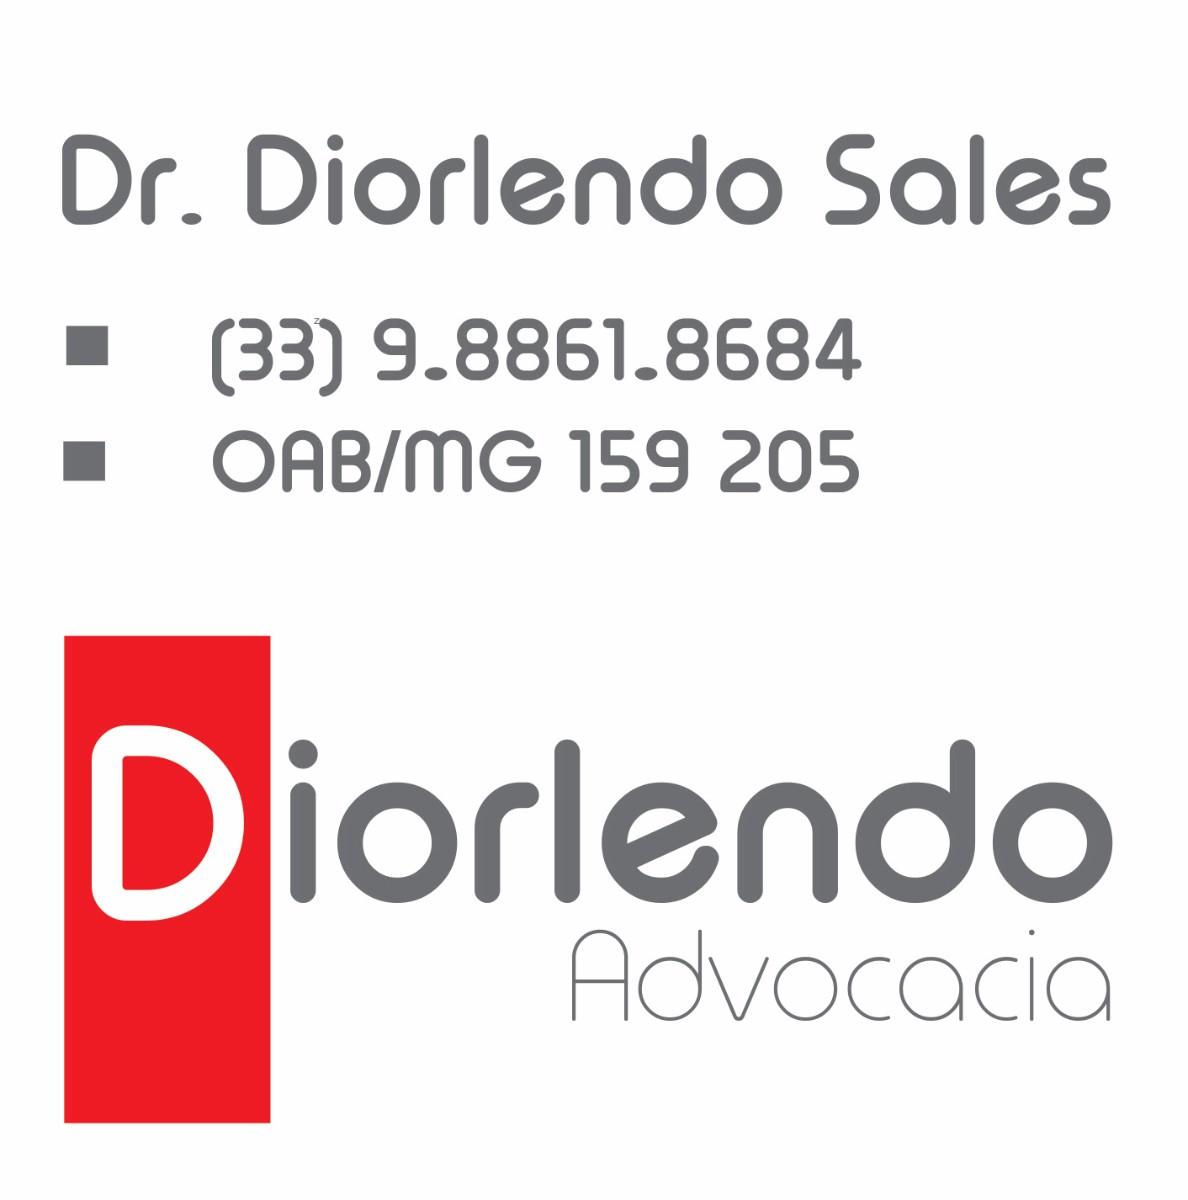 DR DIORLENDO SALES